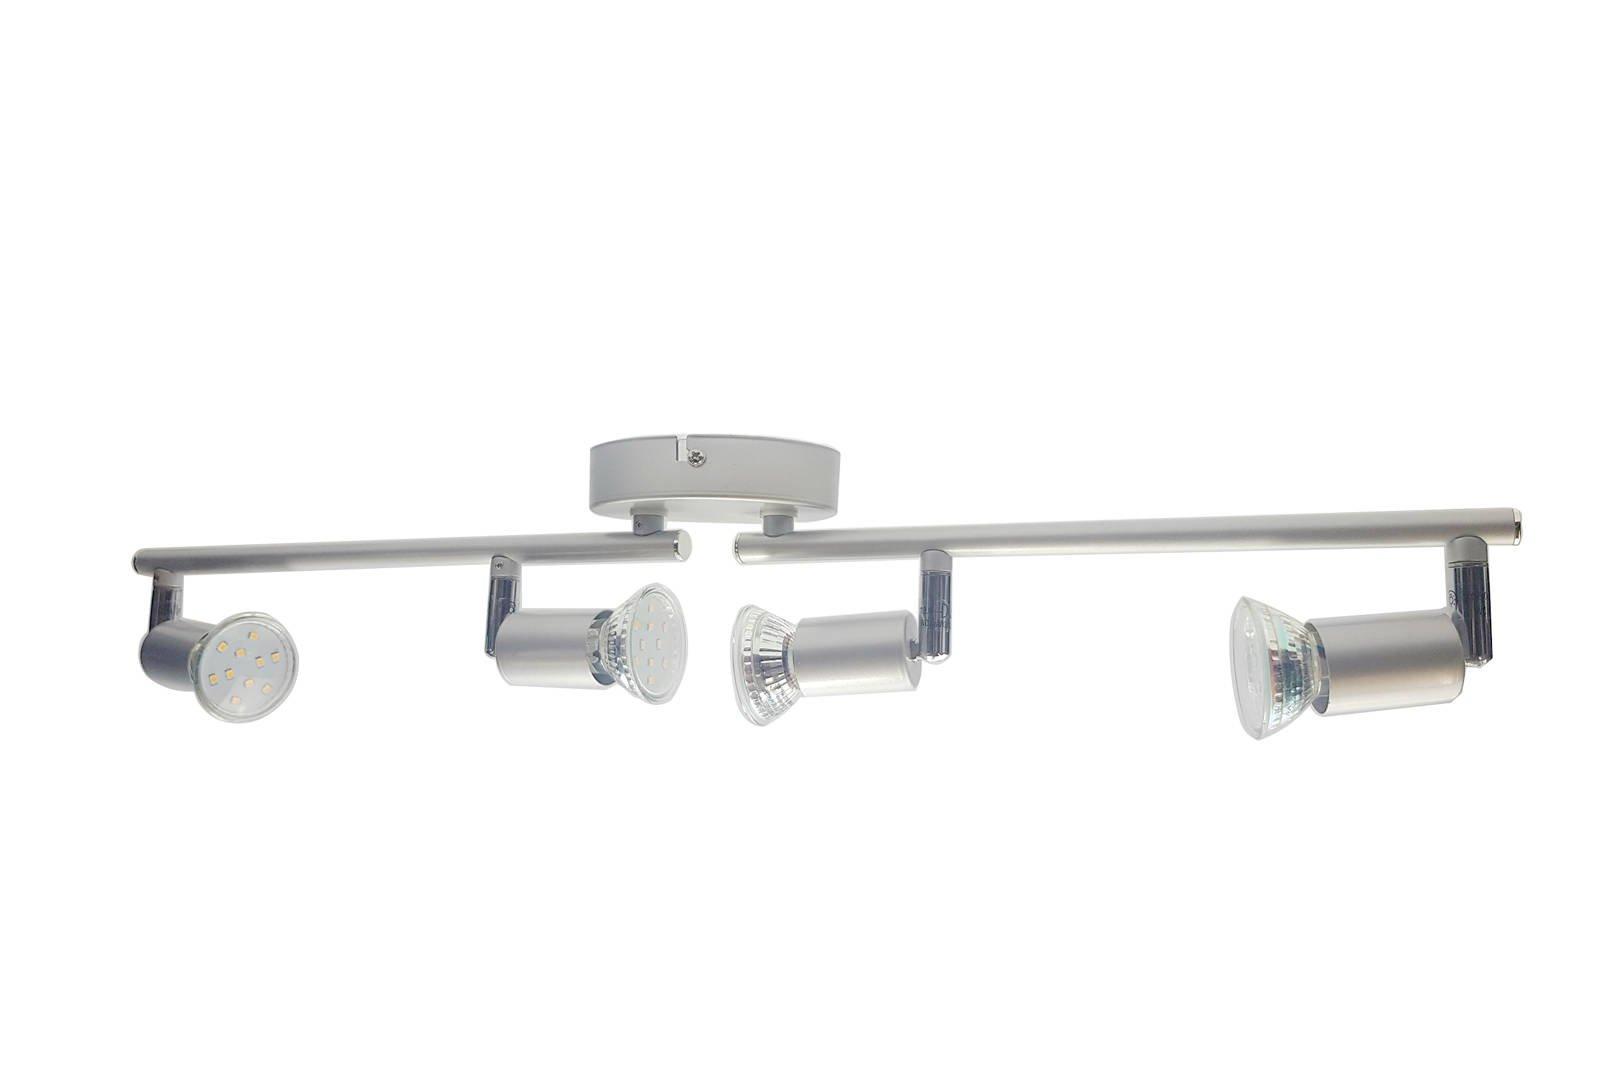 Ceiling lamp Briloner 2915-044 12W LED